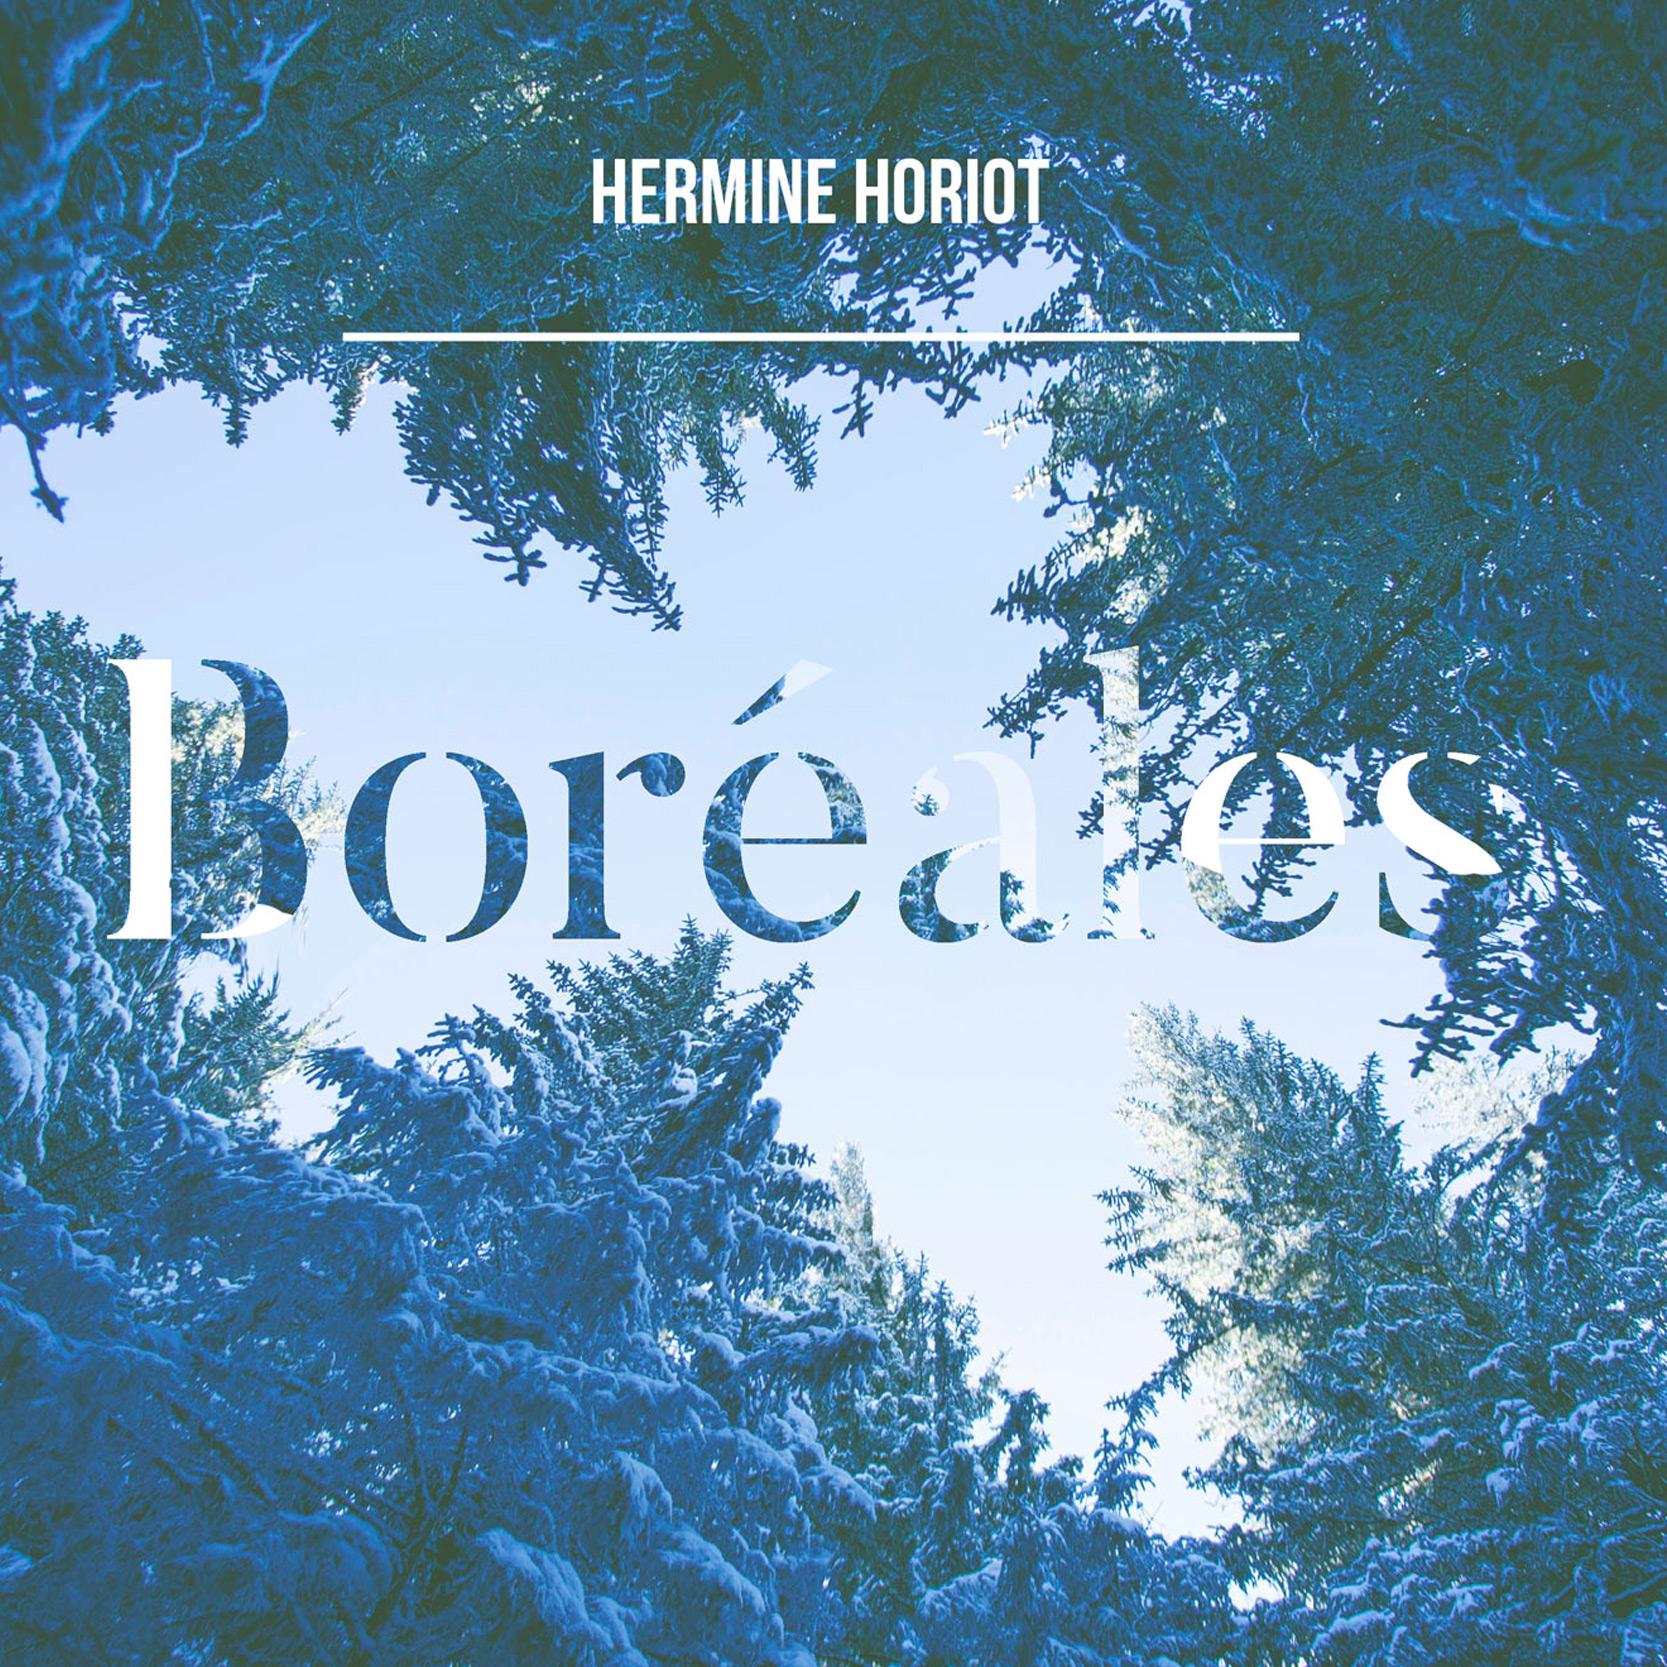 HERMINE-HORIOT